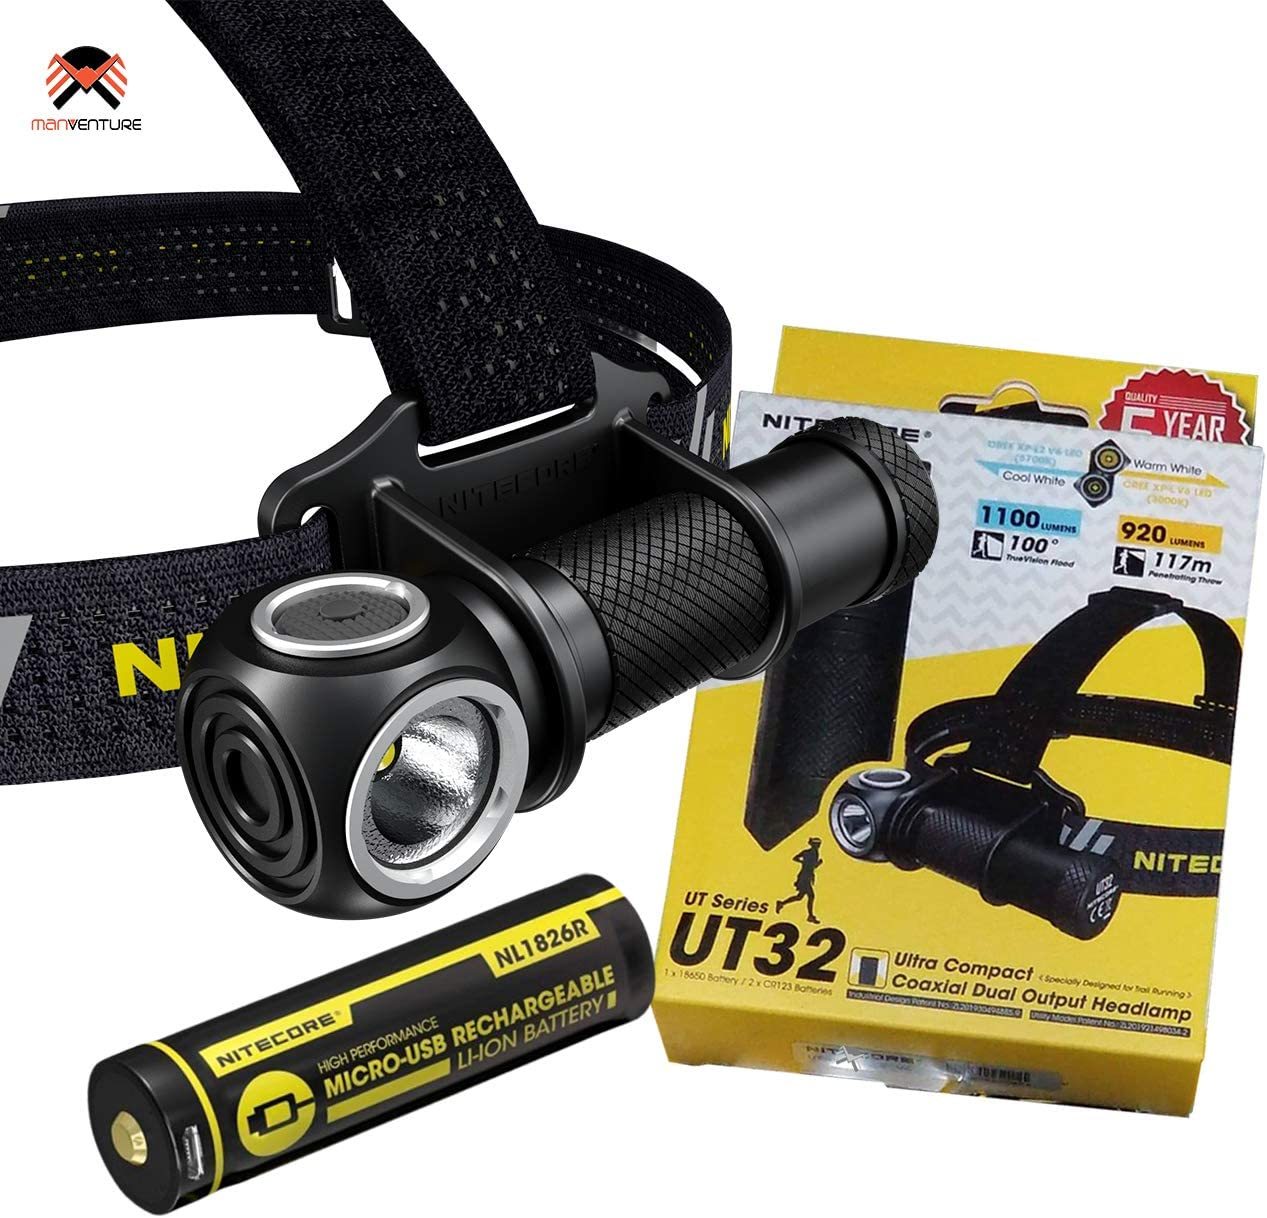 Linterna Cabeza Impermeable IP68 Salida Dual Nitecore UT32 Linterna Frontal LED 1100 /& 950 L/úmenes Luz Blanca Fr/ía y C/álida